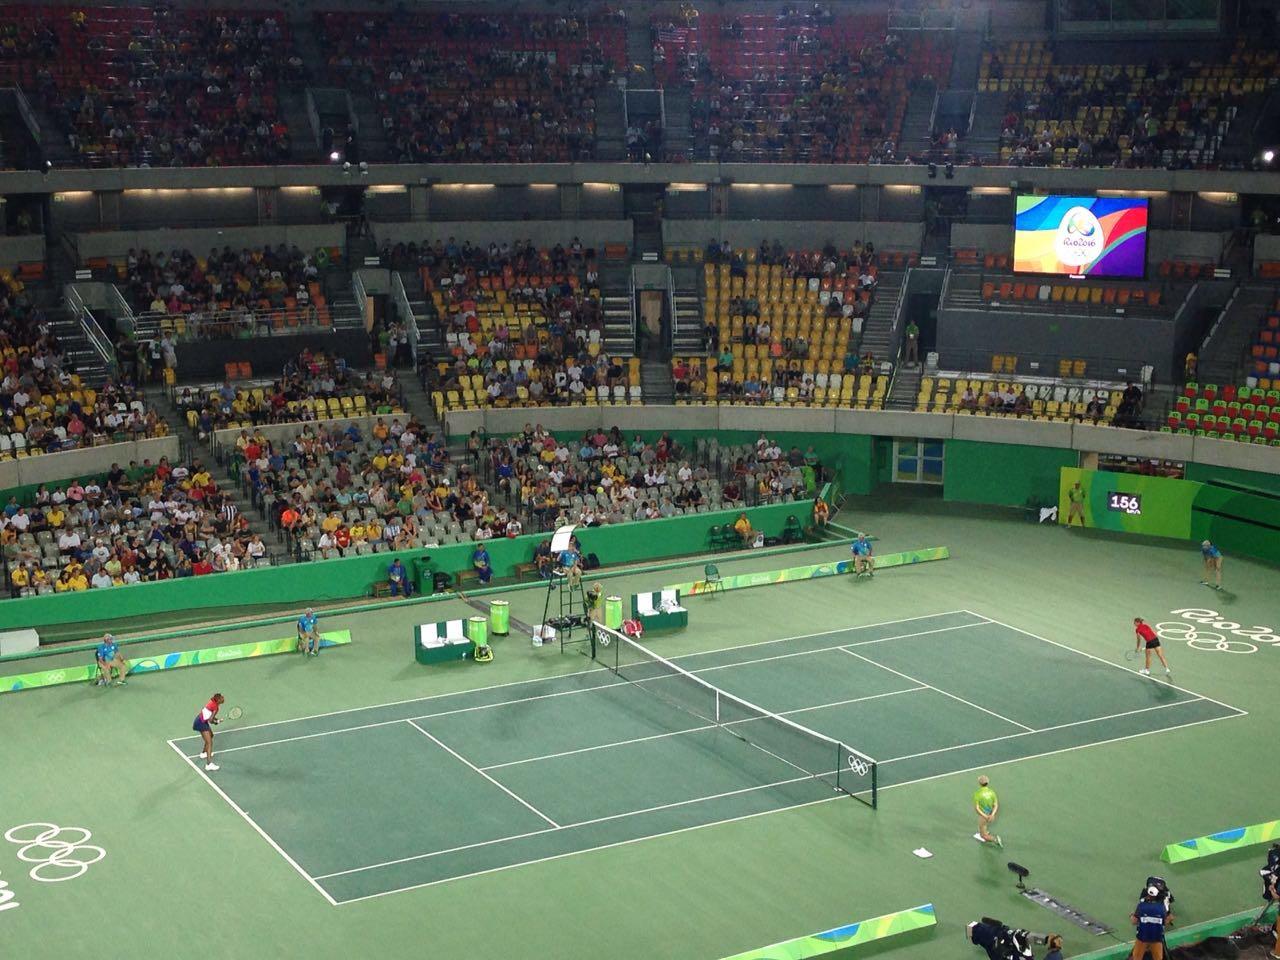 Centro Olímpico de Tênis